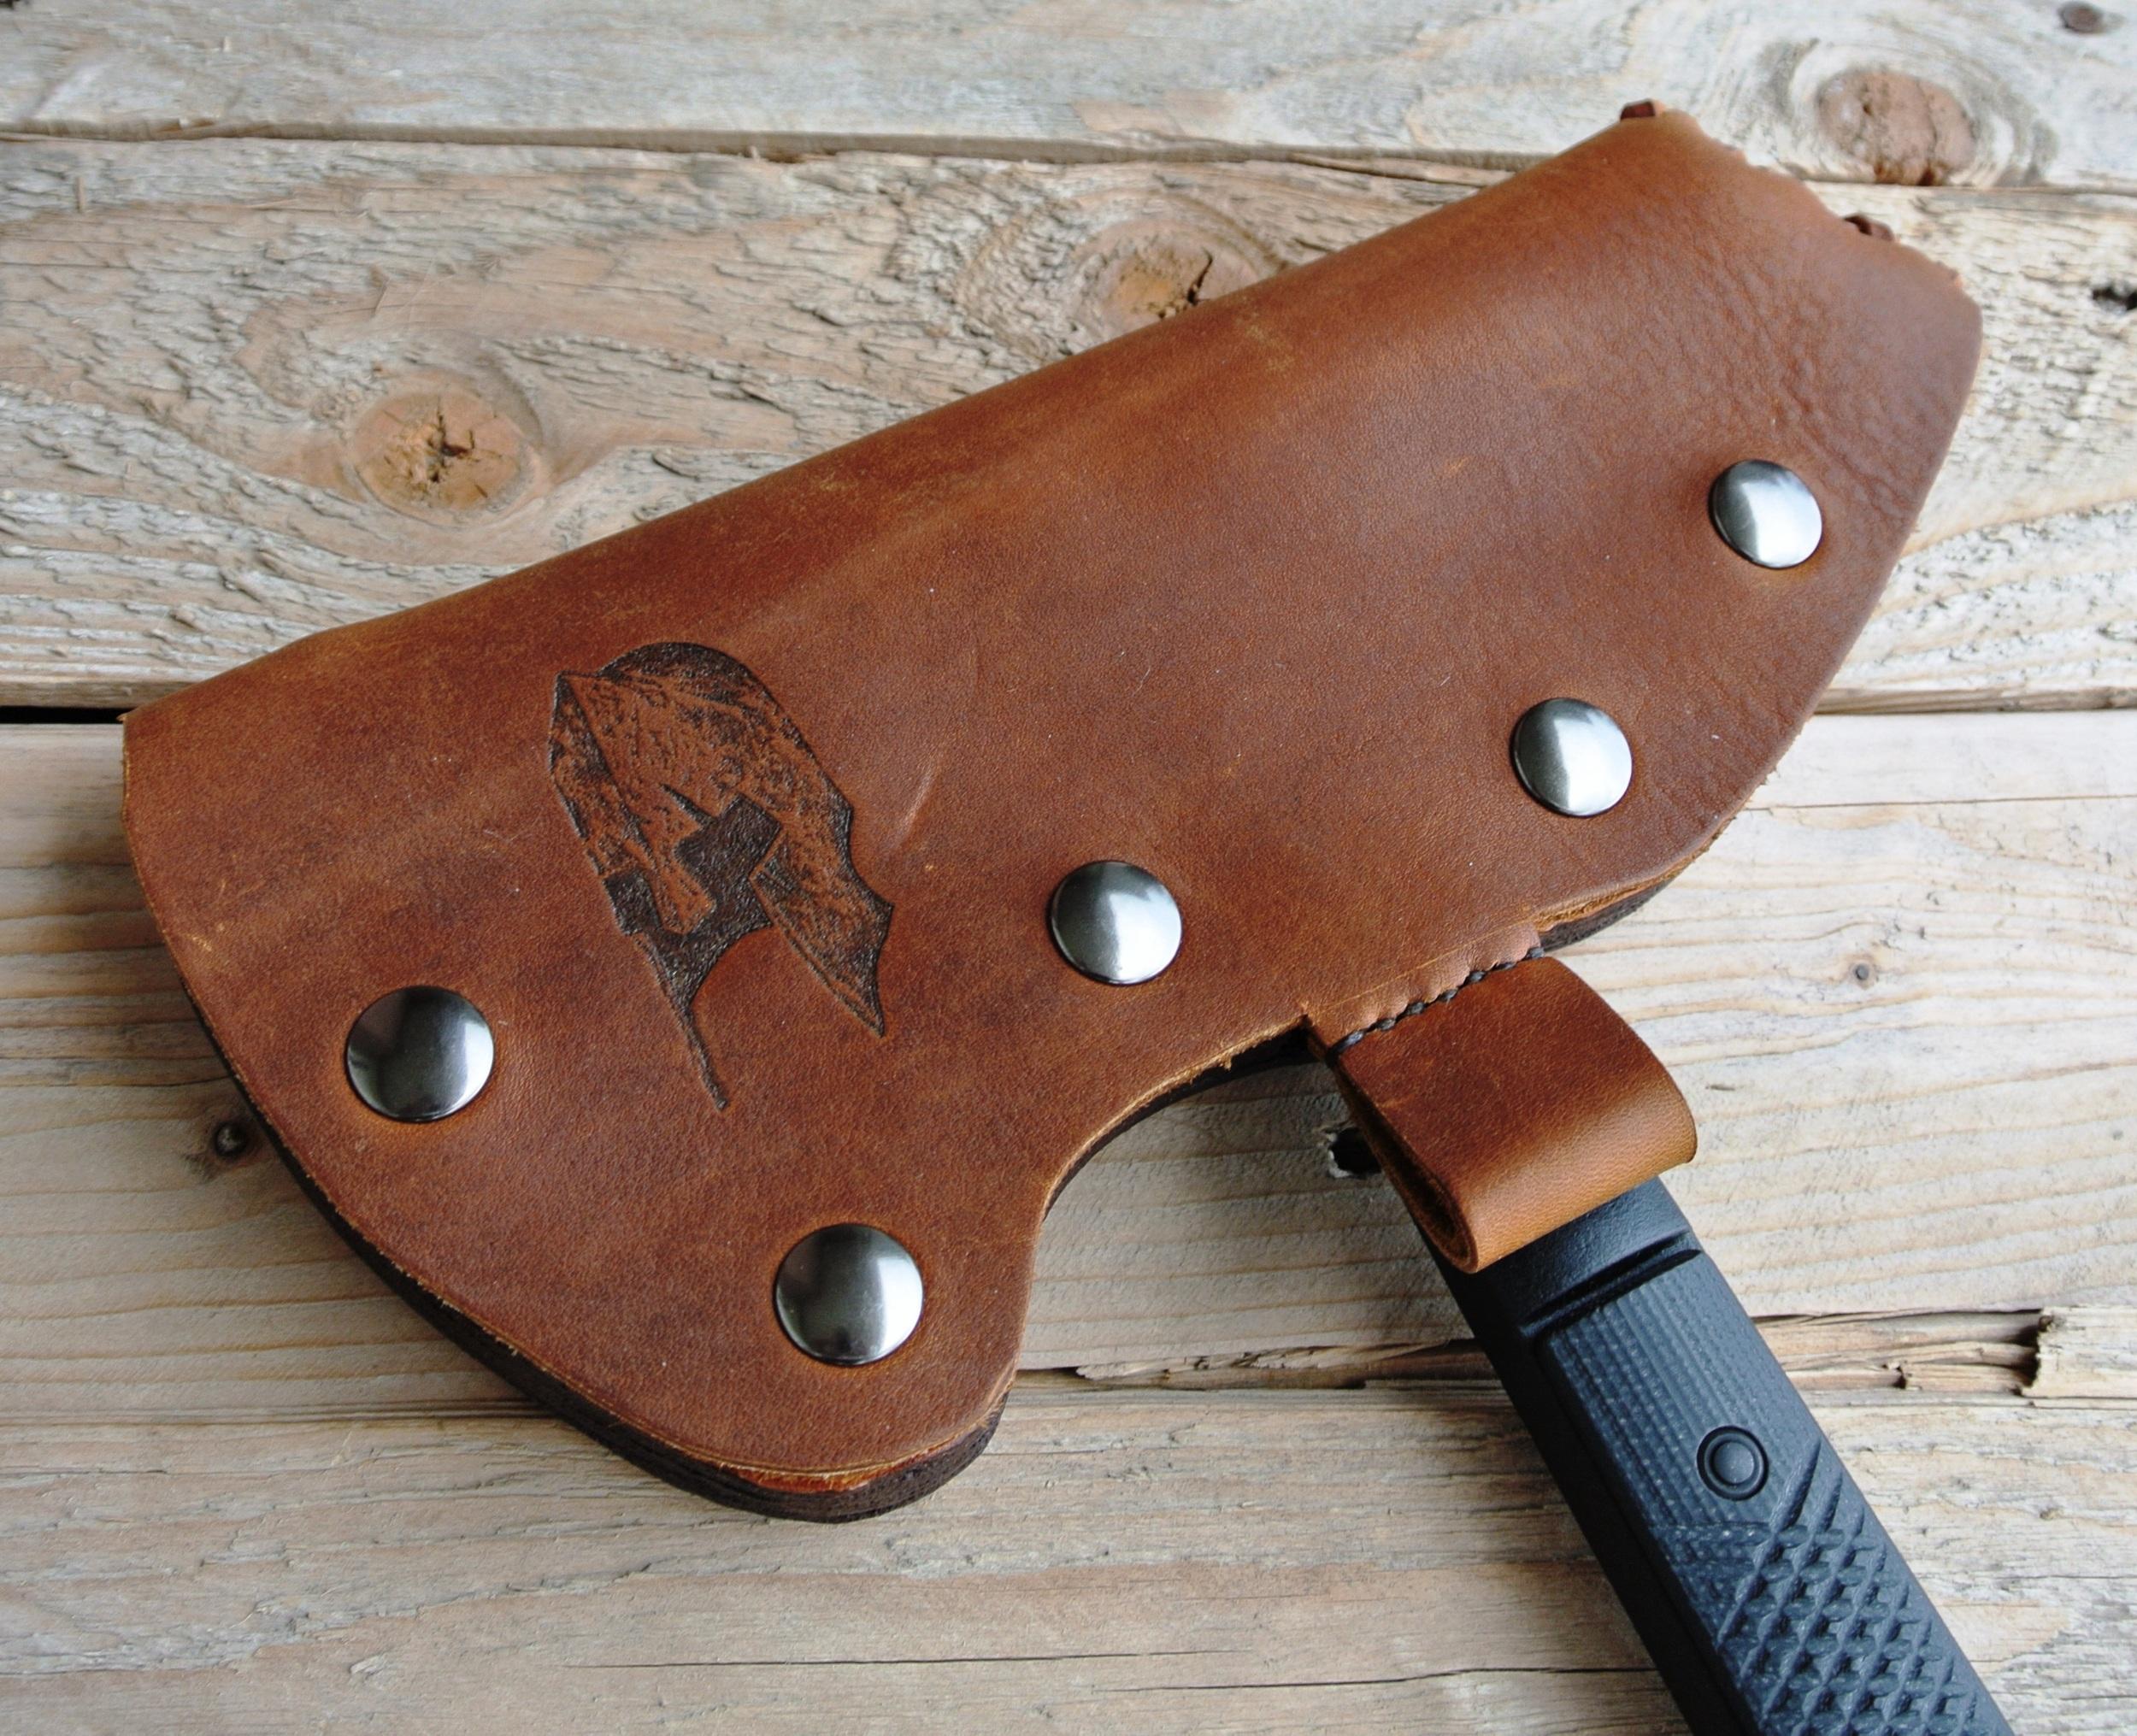 Leather Sheath - Hatchet!